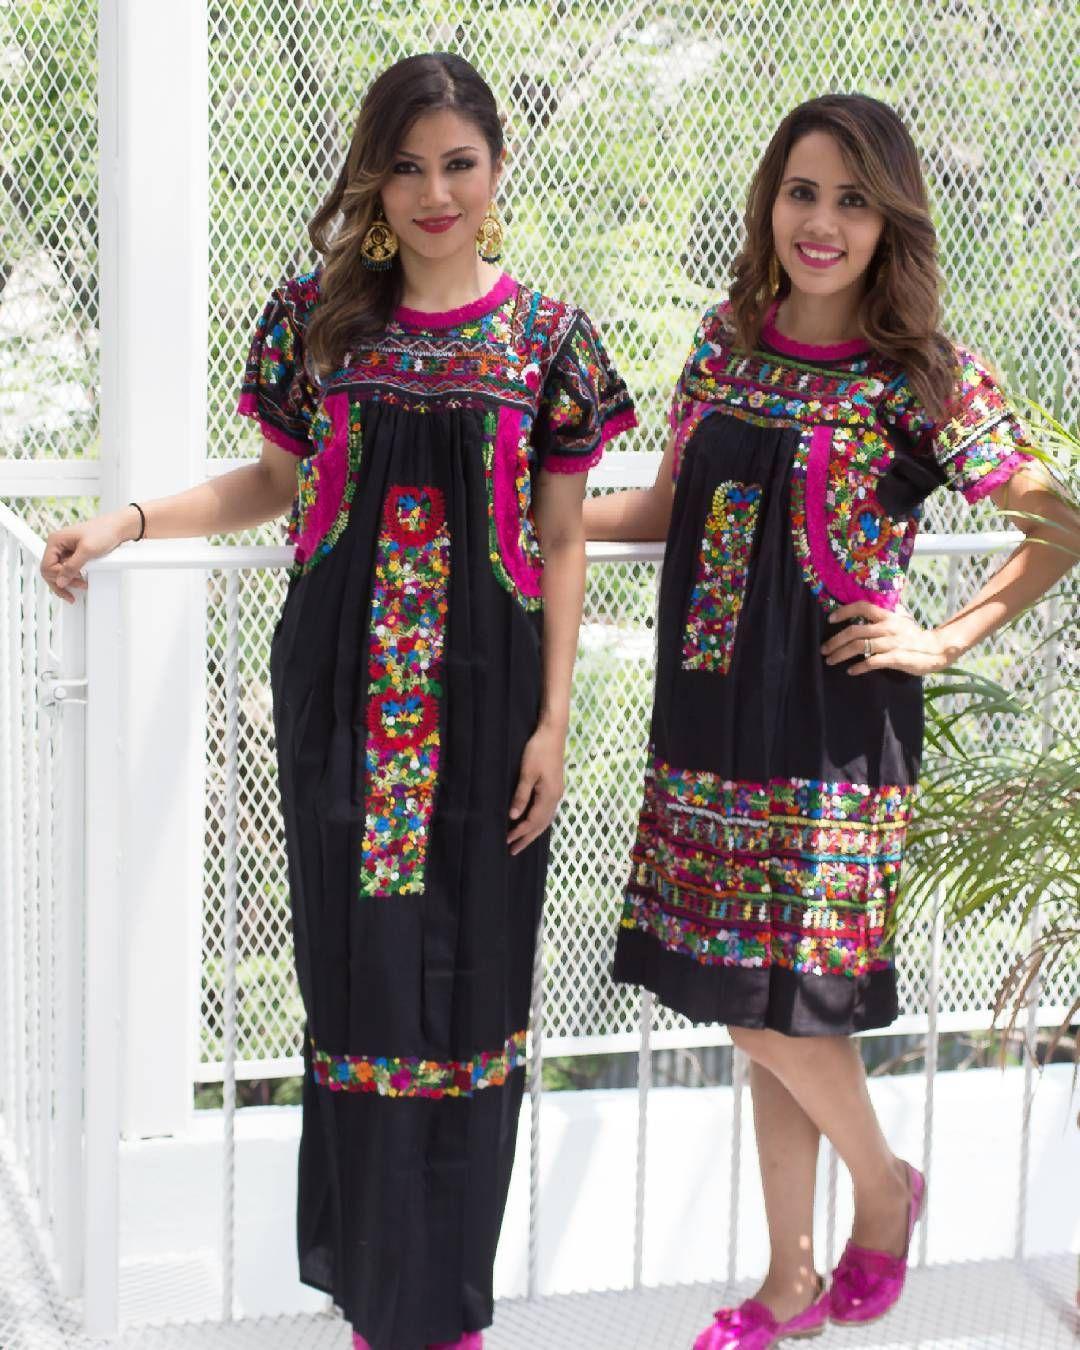 """Pedazo de mi Tierra en Instagram: """"Largo o corto? Cómo sea, se ve hermoso!! Vestido de popelina con todas las técnicas de trabajo de las mujeres de San Antonino Castillo…"""""""